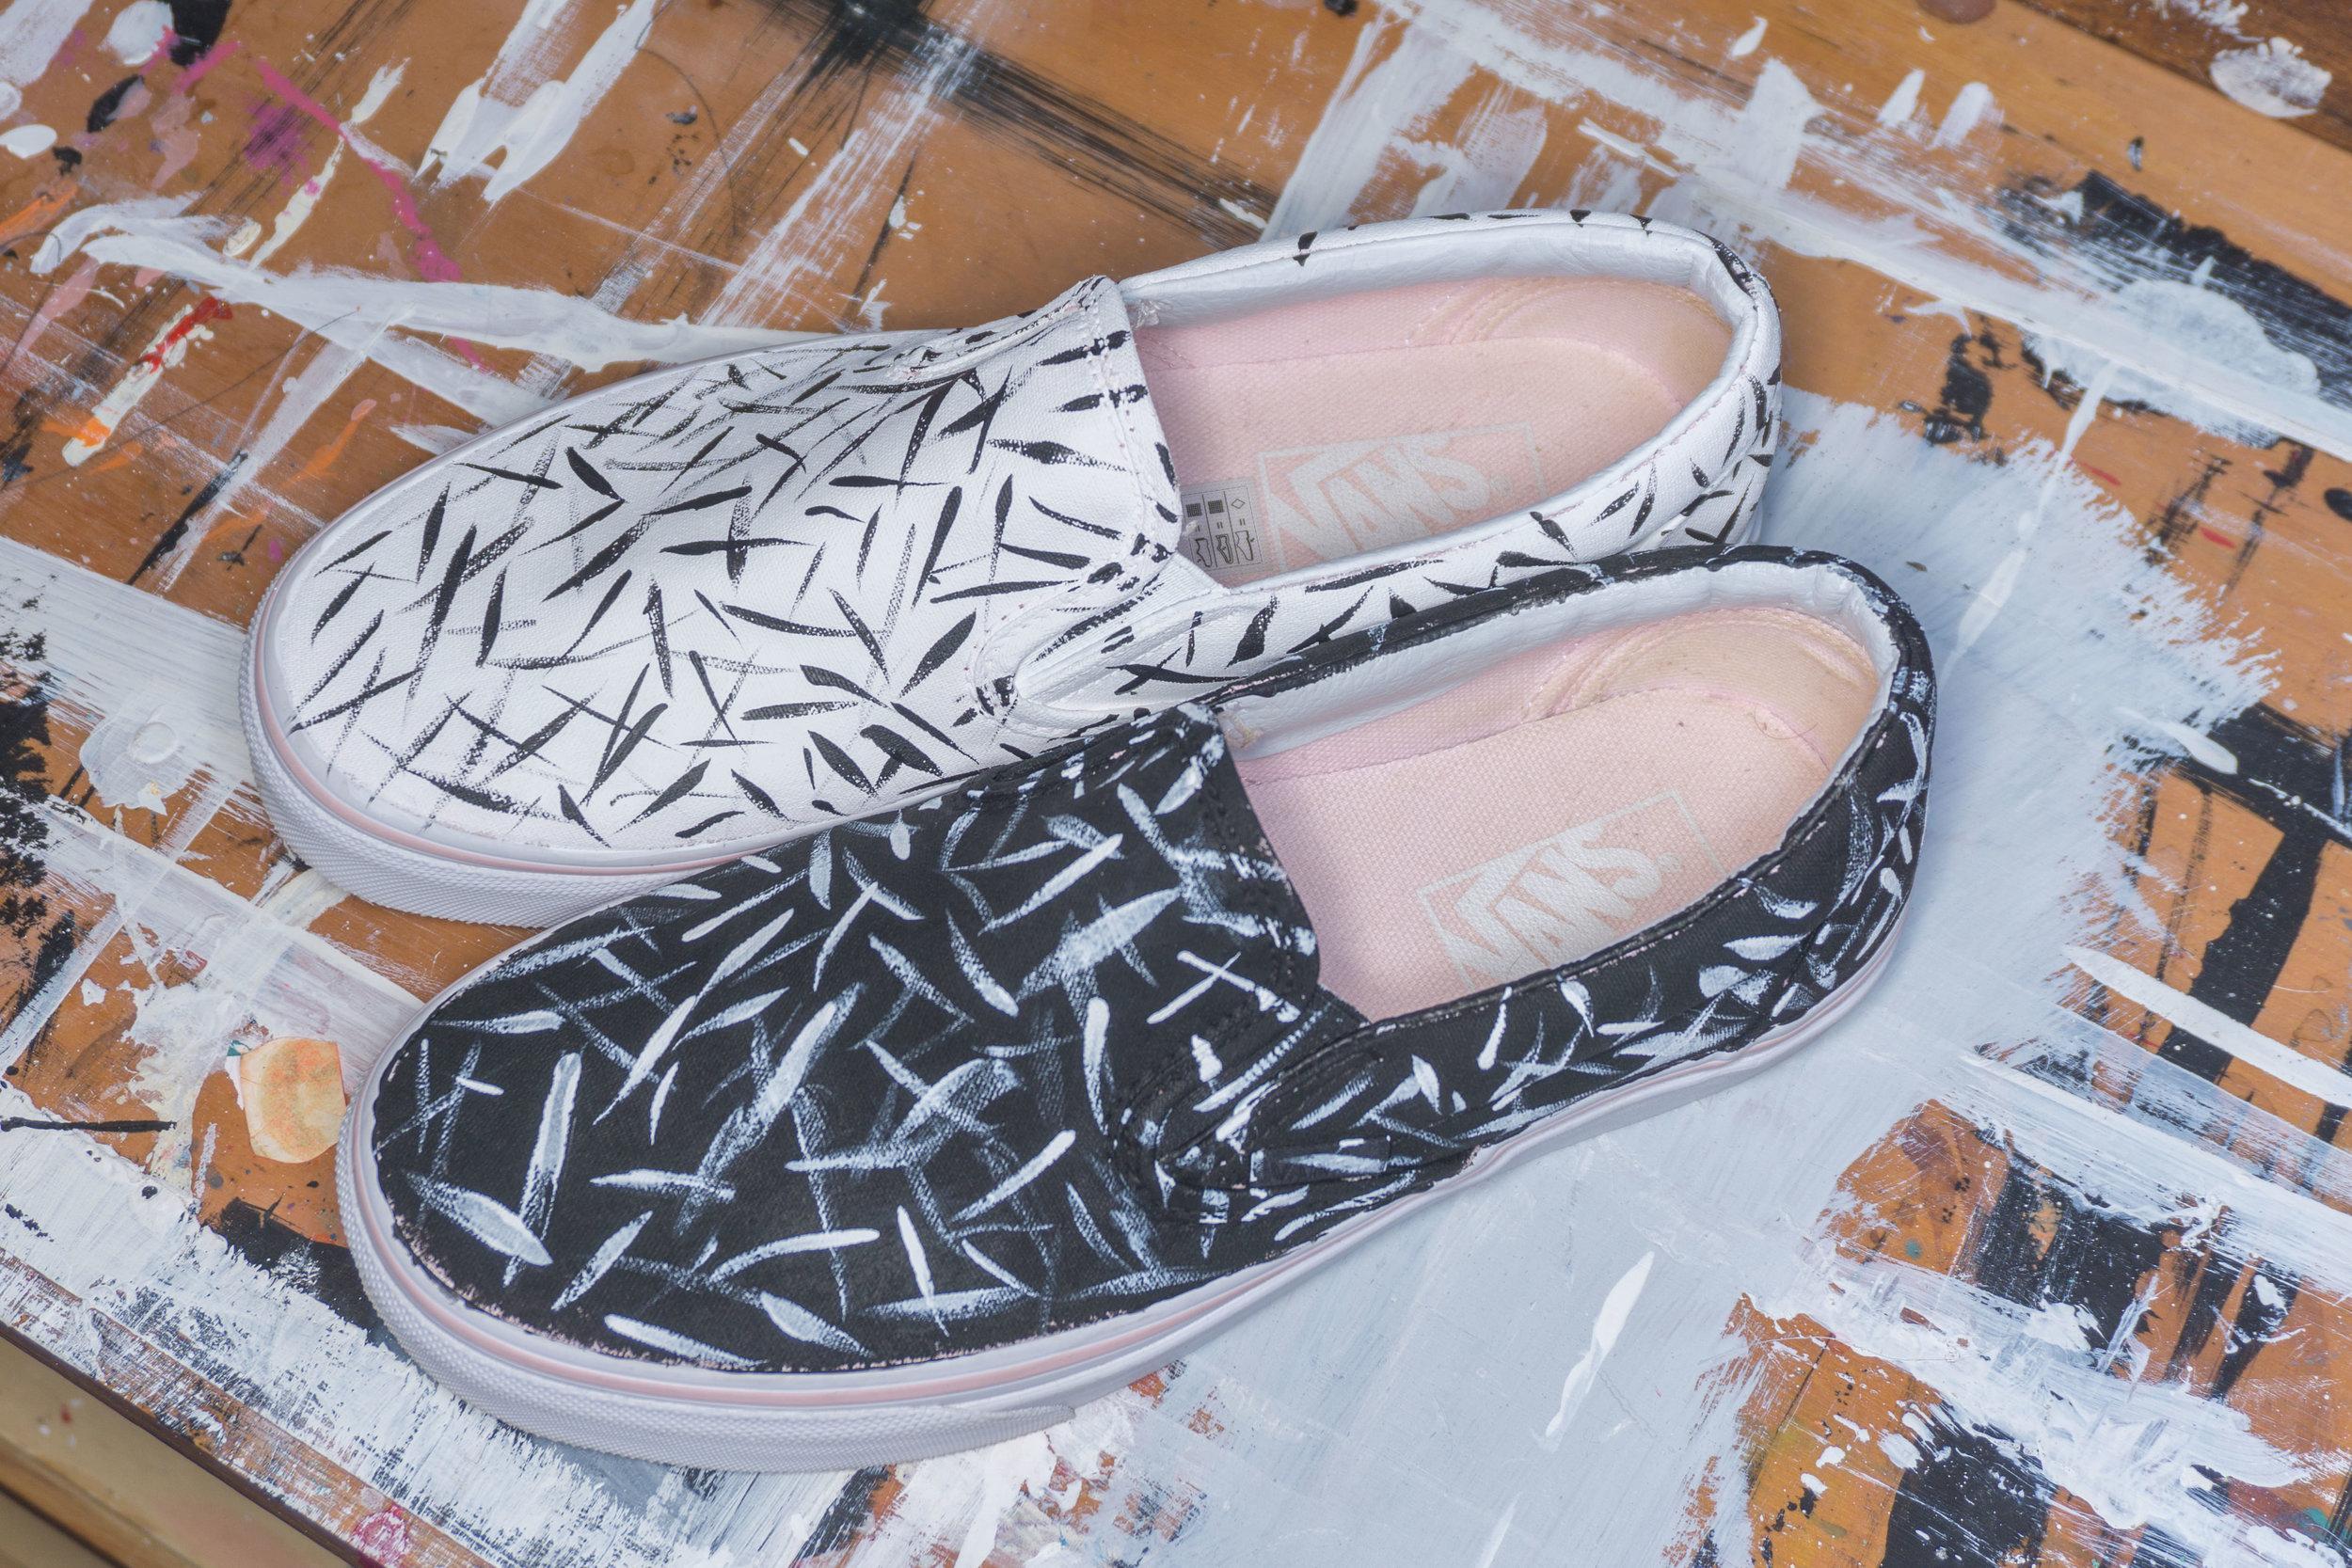 Vans Shoes Slashed